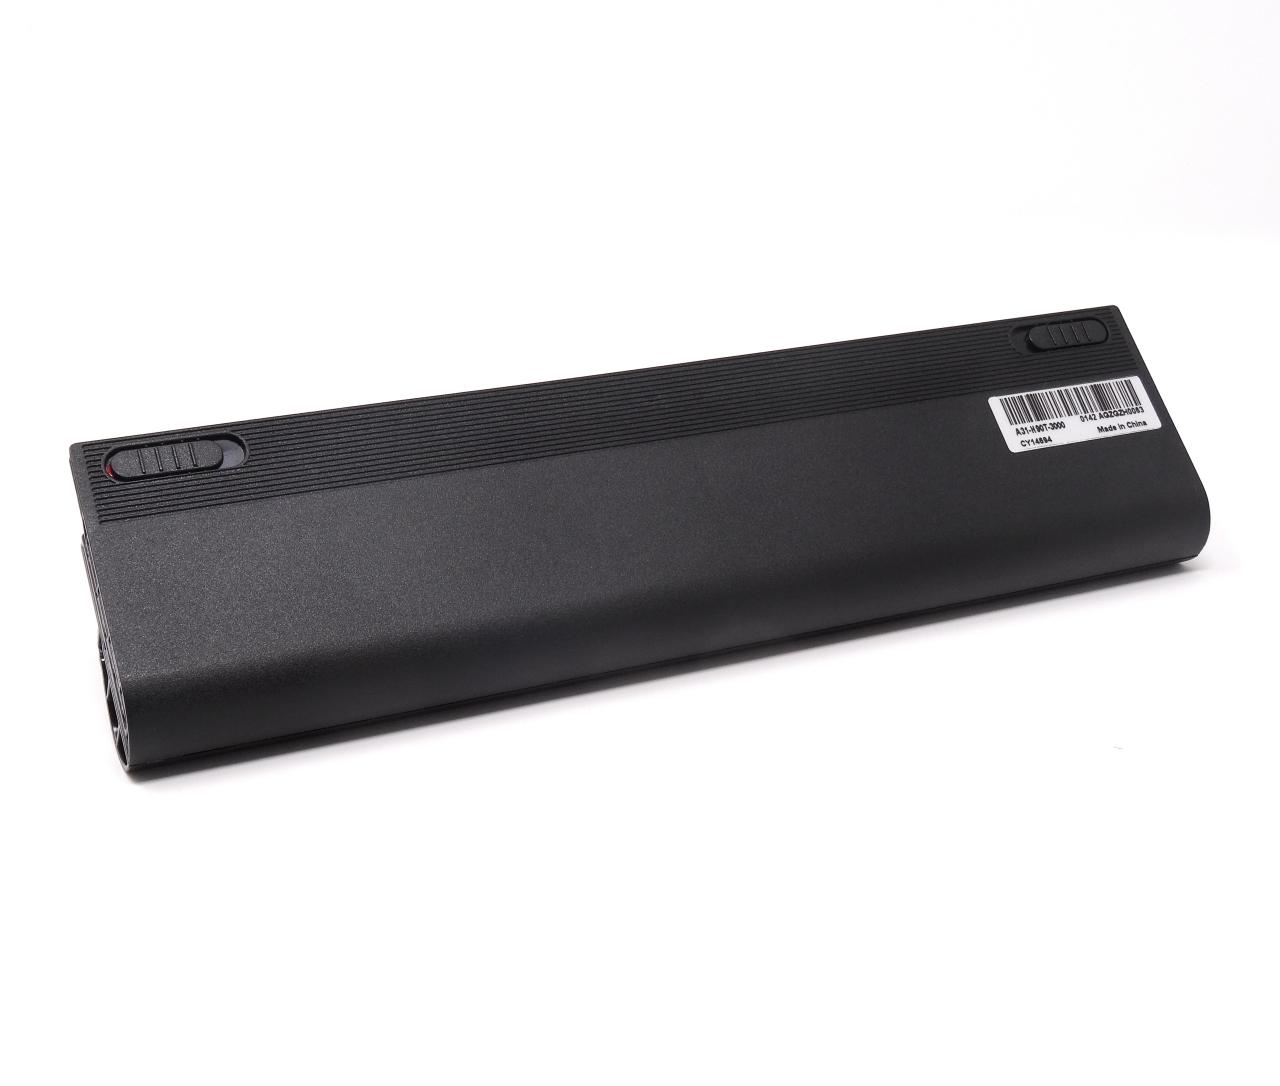 Acumulator compatibil Medion Akoya E1317T / E1318T / model A31-H90T-3000